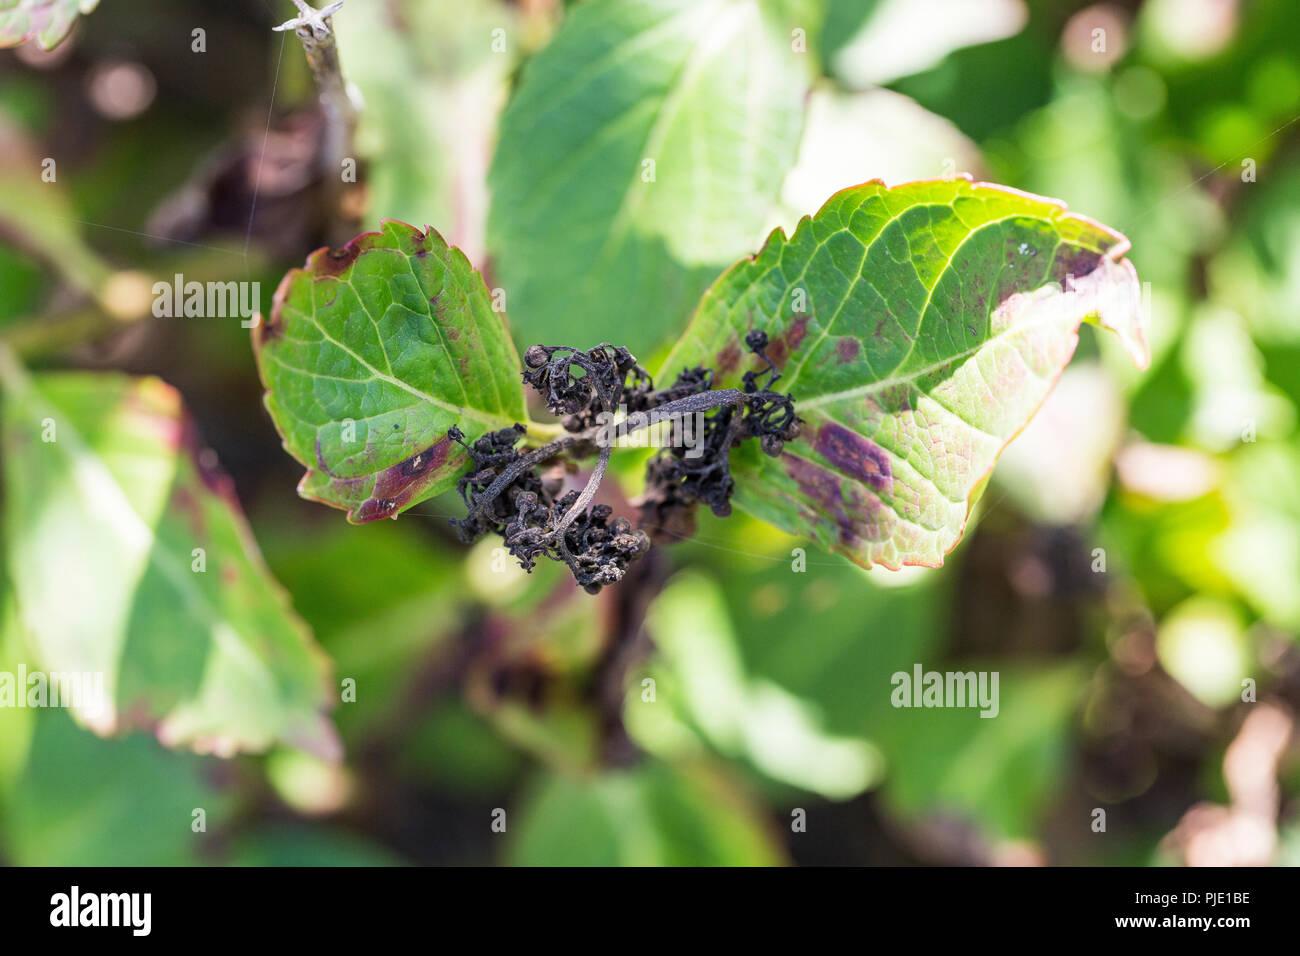 hortensias enfermedades Enfermedad De Flor Hydrangea Hortensia Debido A La Falta De